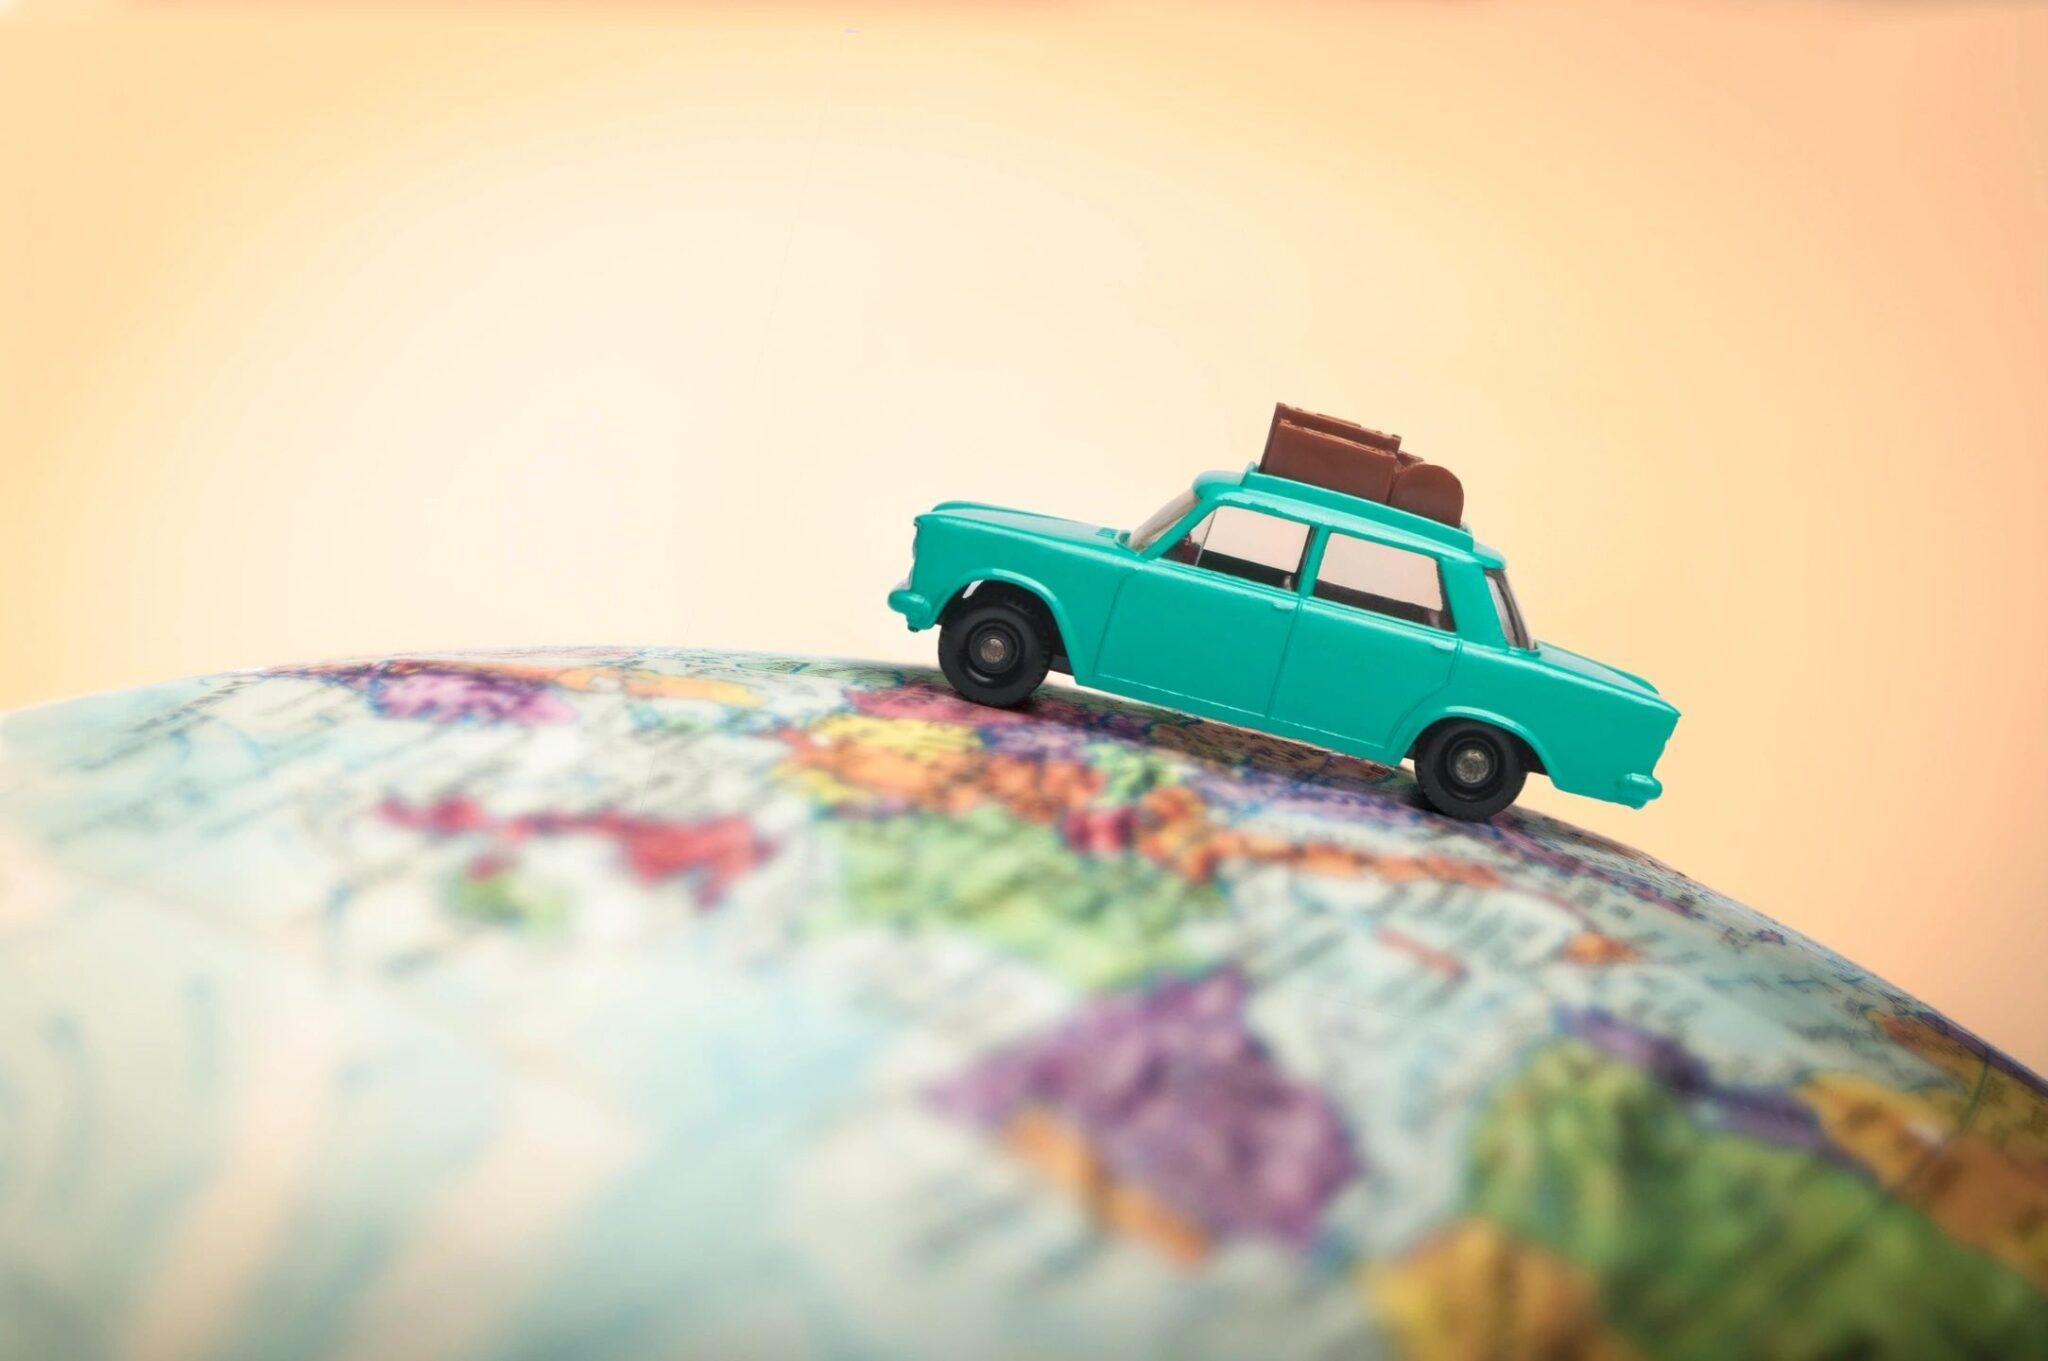 Plan a future road trip